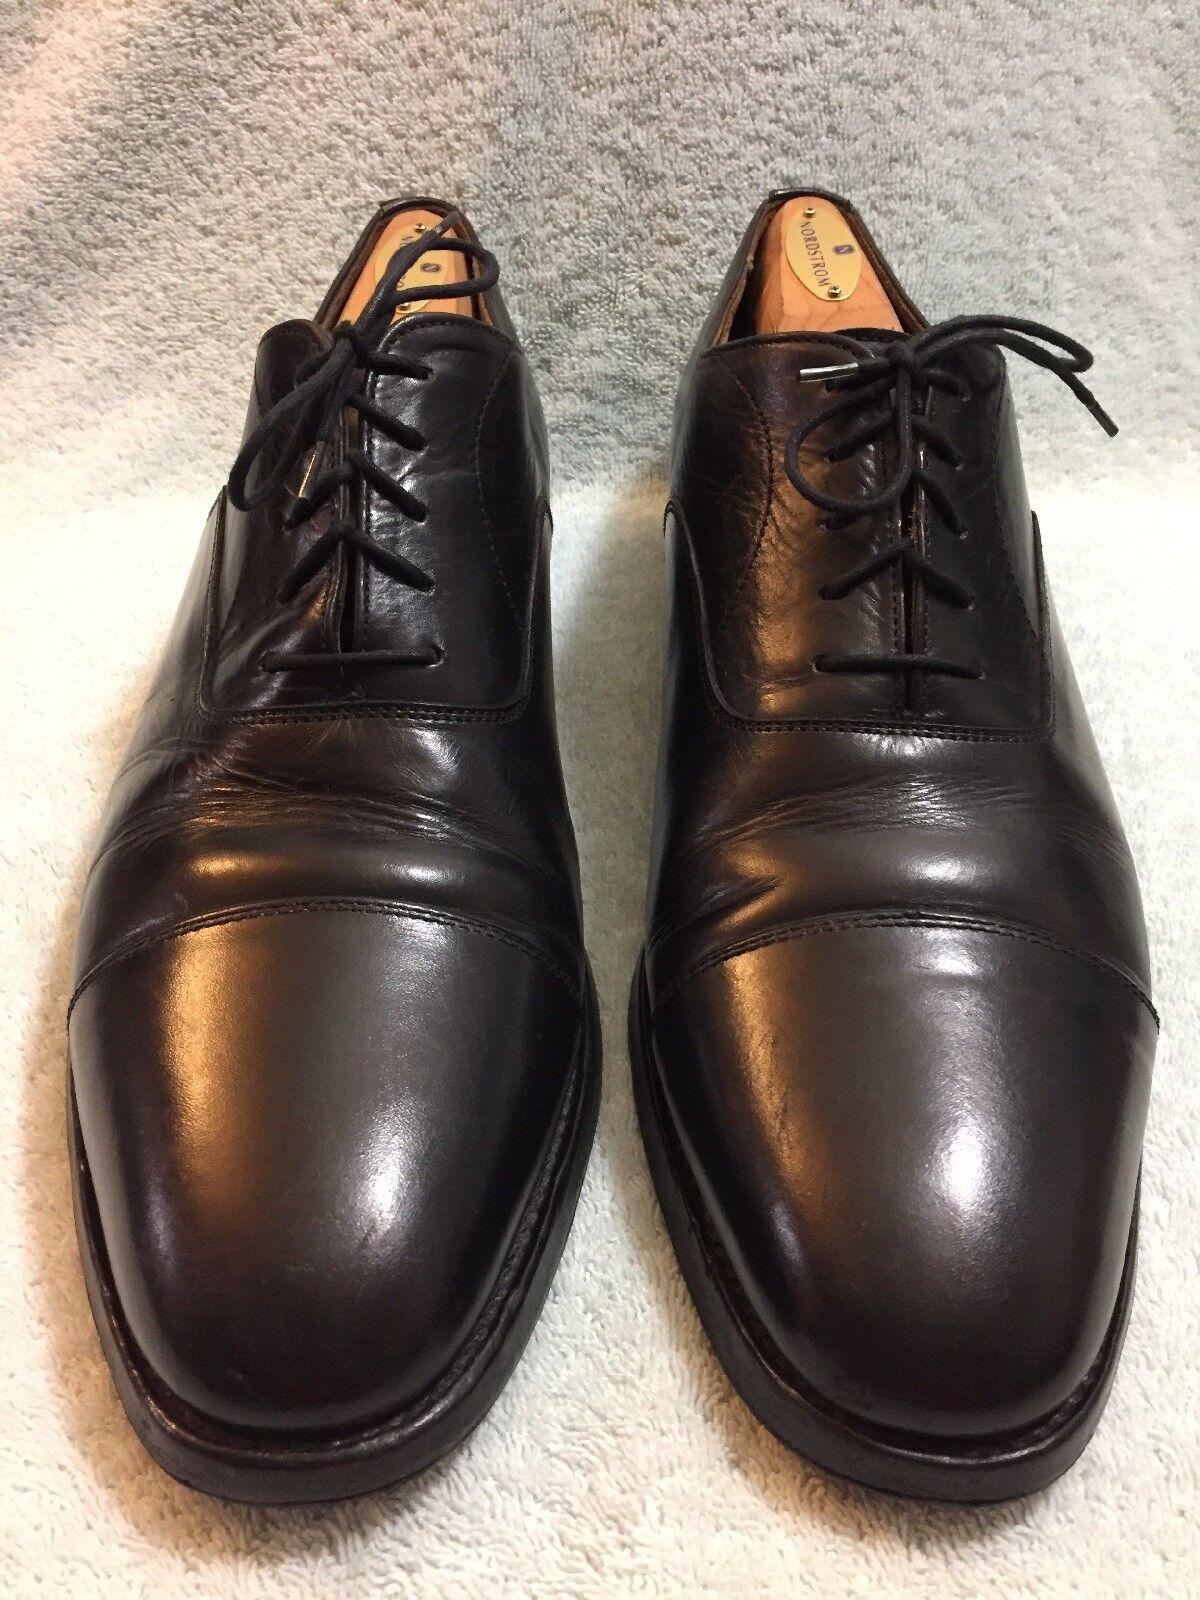 negozio online RARE BOWEN nero Captoe Oxford Oxford Oxford Uomo scarpe Made In England Dimensione 11.5  negozio d'offerta